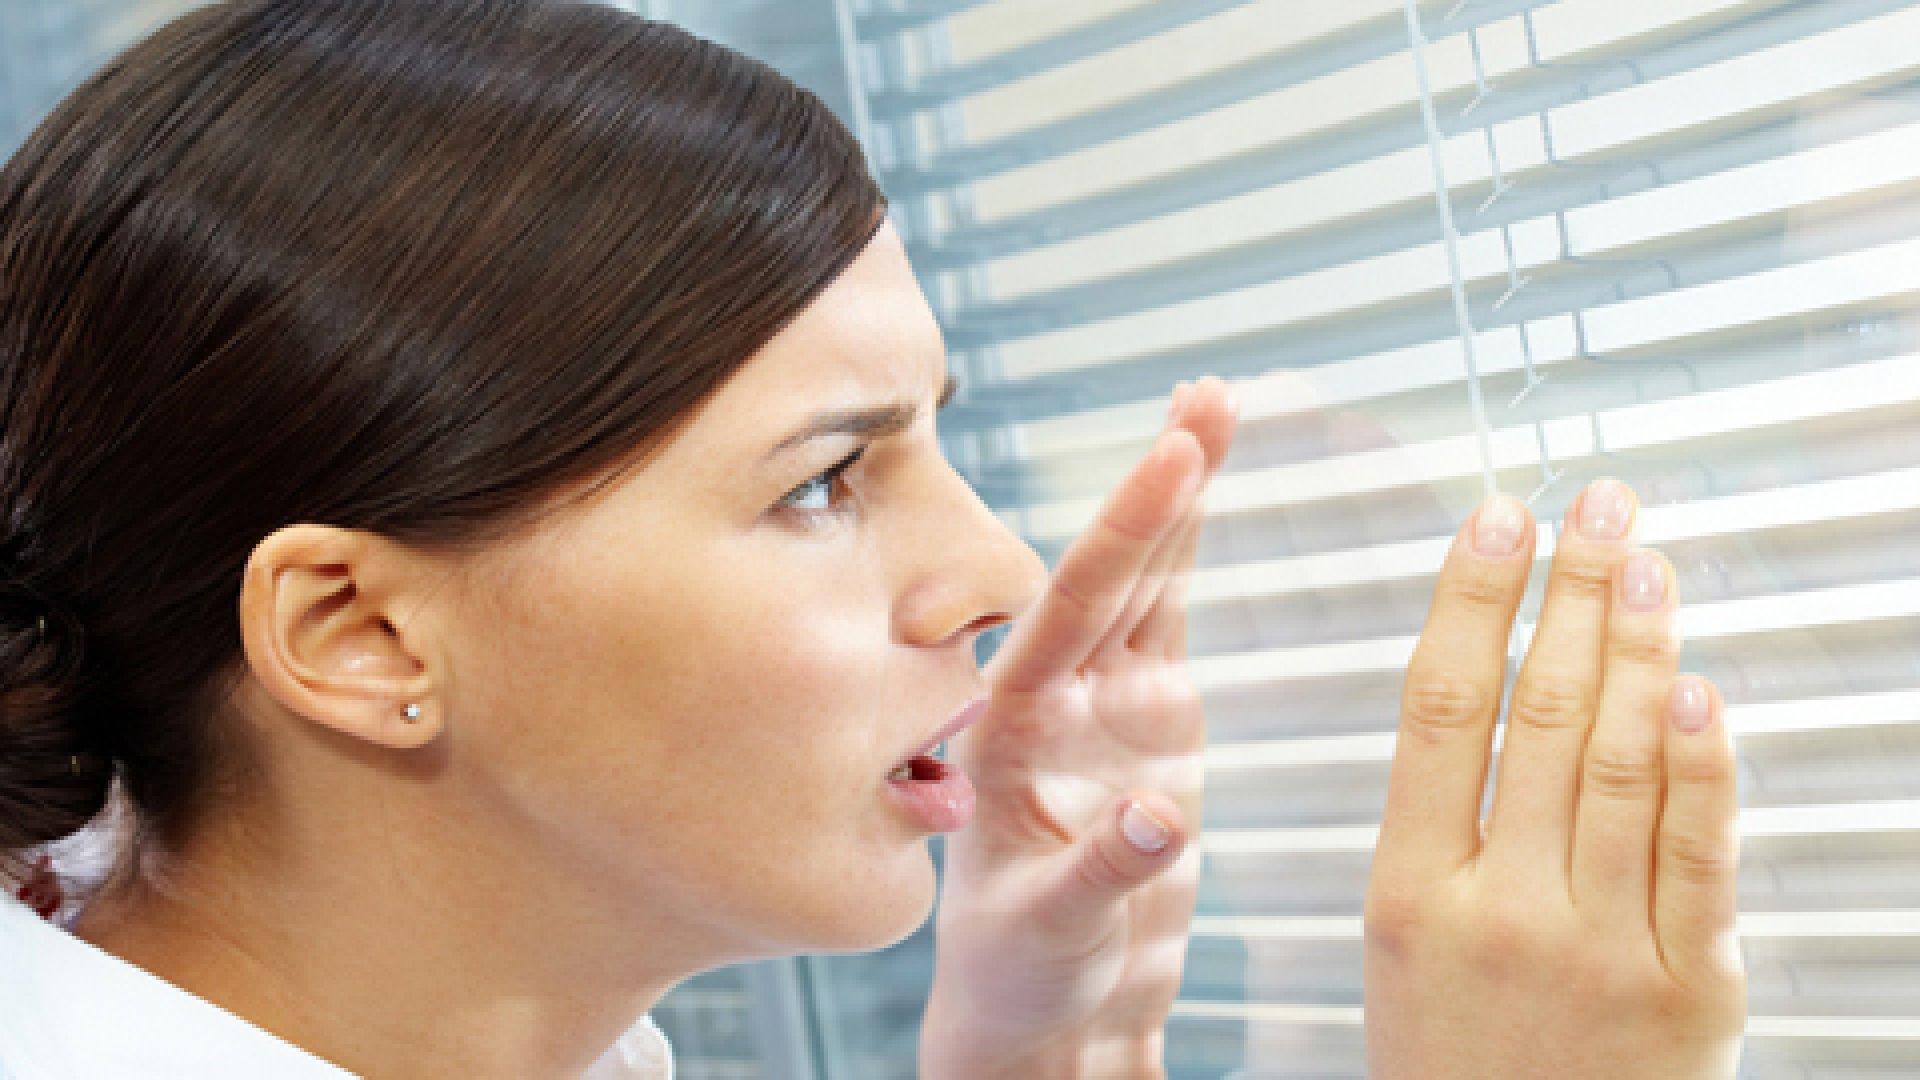 The Misperception That Holds Women Back